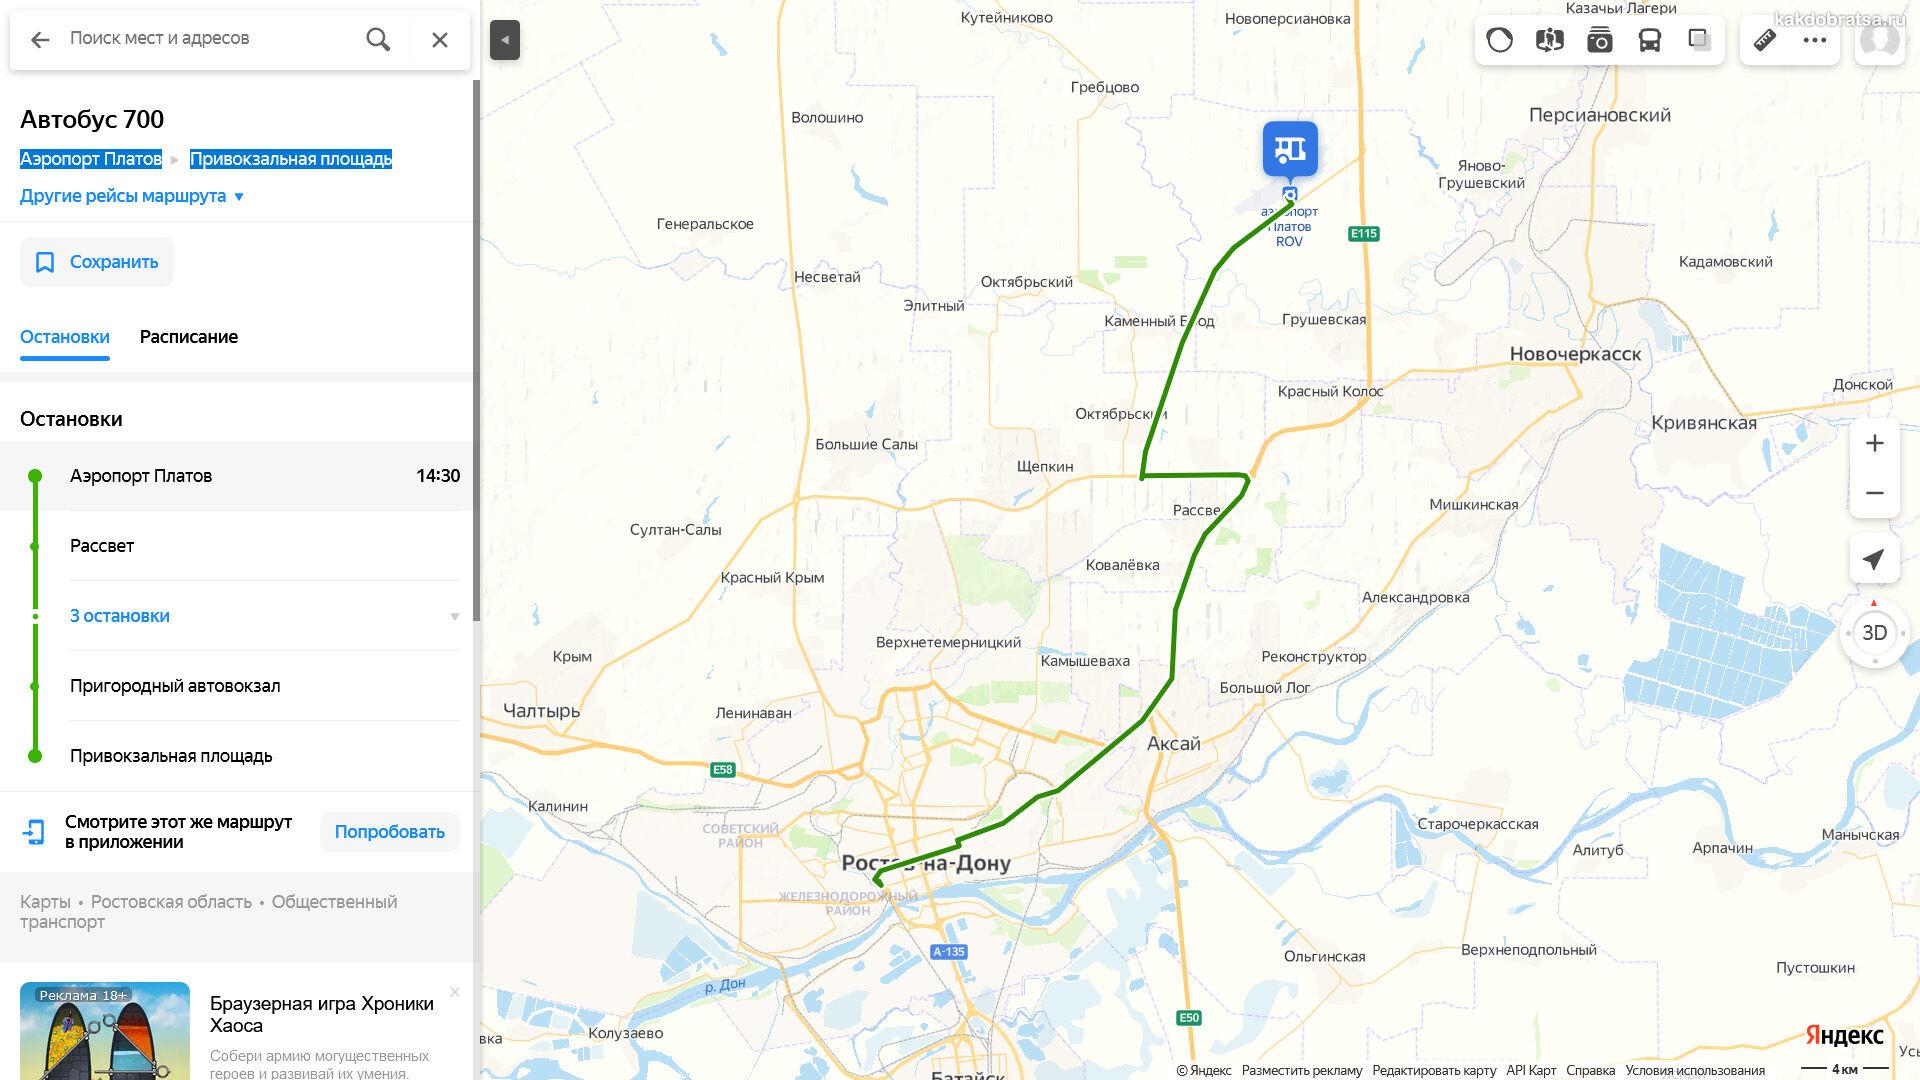 Автобус из аэропорта Ростов-на-Дону карта